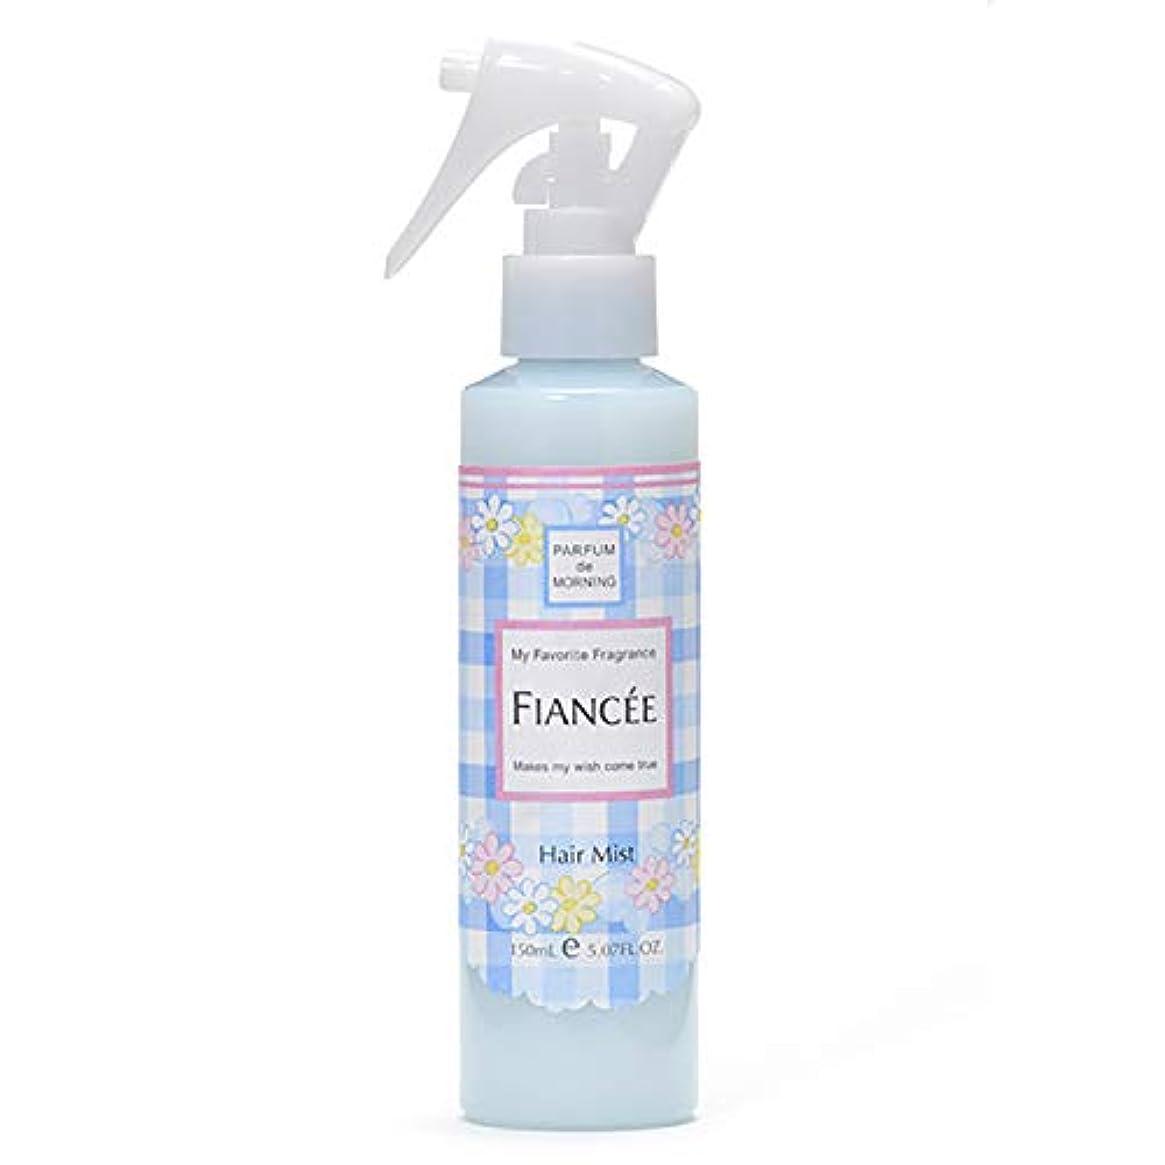 可塑性量フィアンセ フレグランスヘアミスト はじまりの朝の香り 150ml